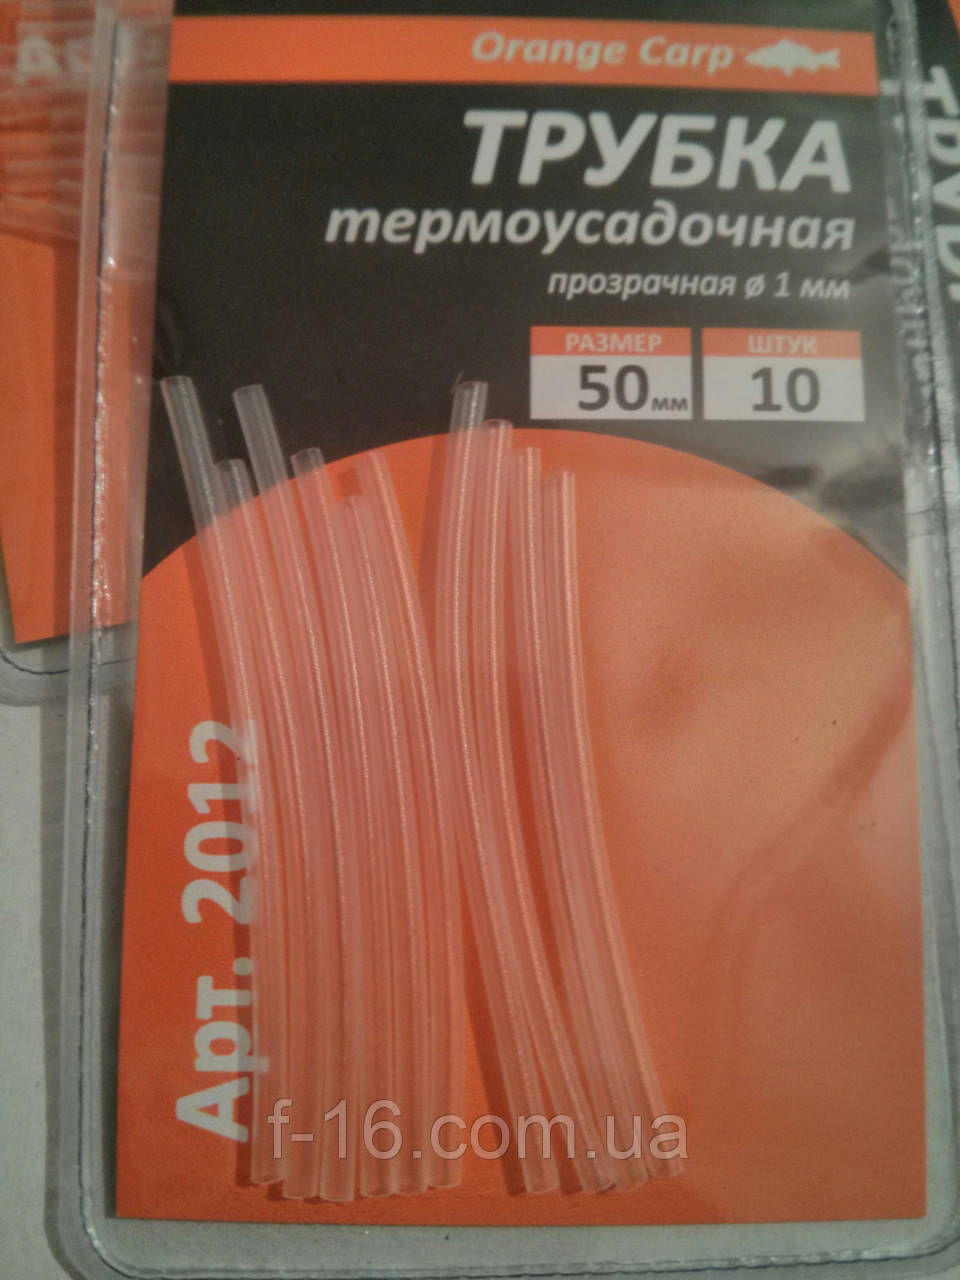 Трубка термоусадочная прозрачная 1 мм